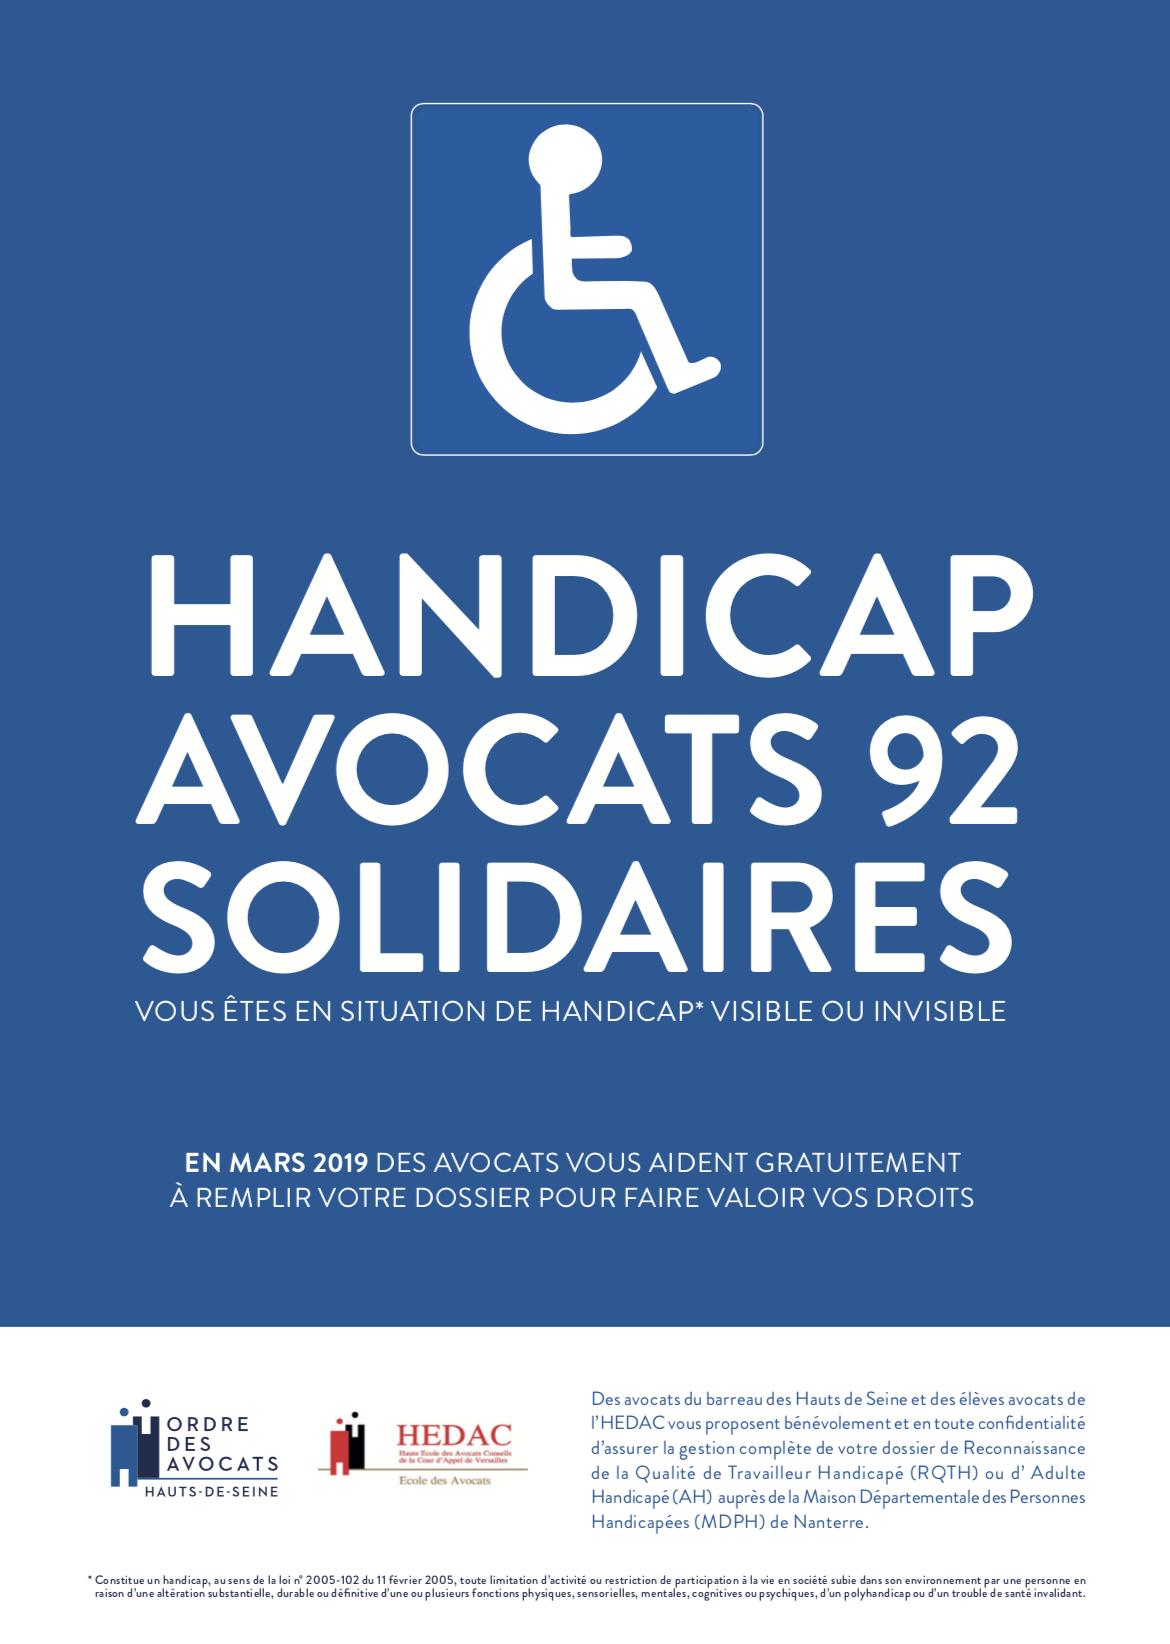 HANDICAP  : AVOCATS 92 SOLIDAIRES  -  MARS 2019